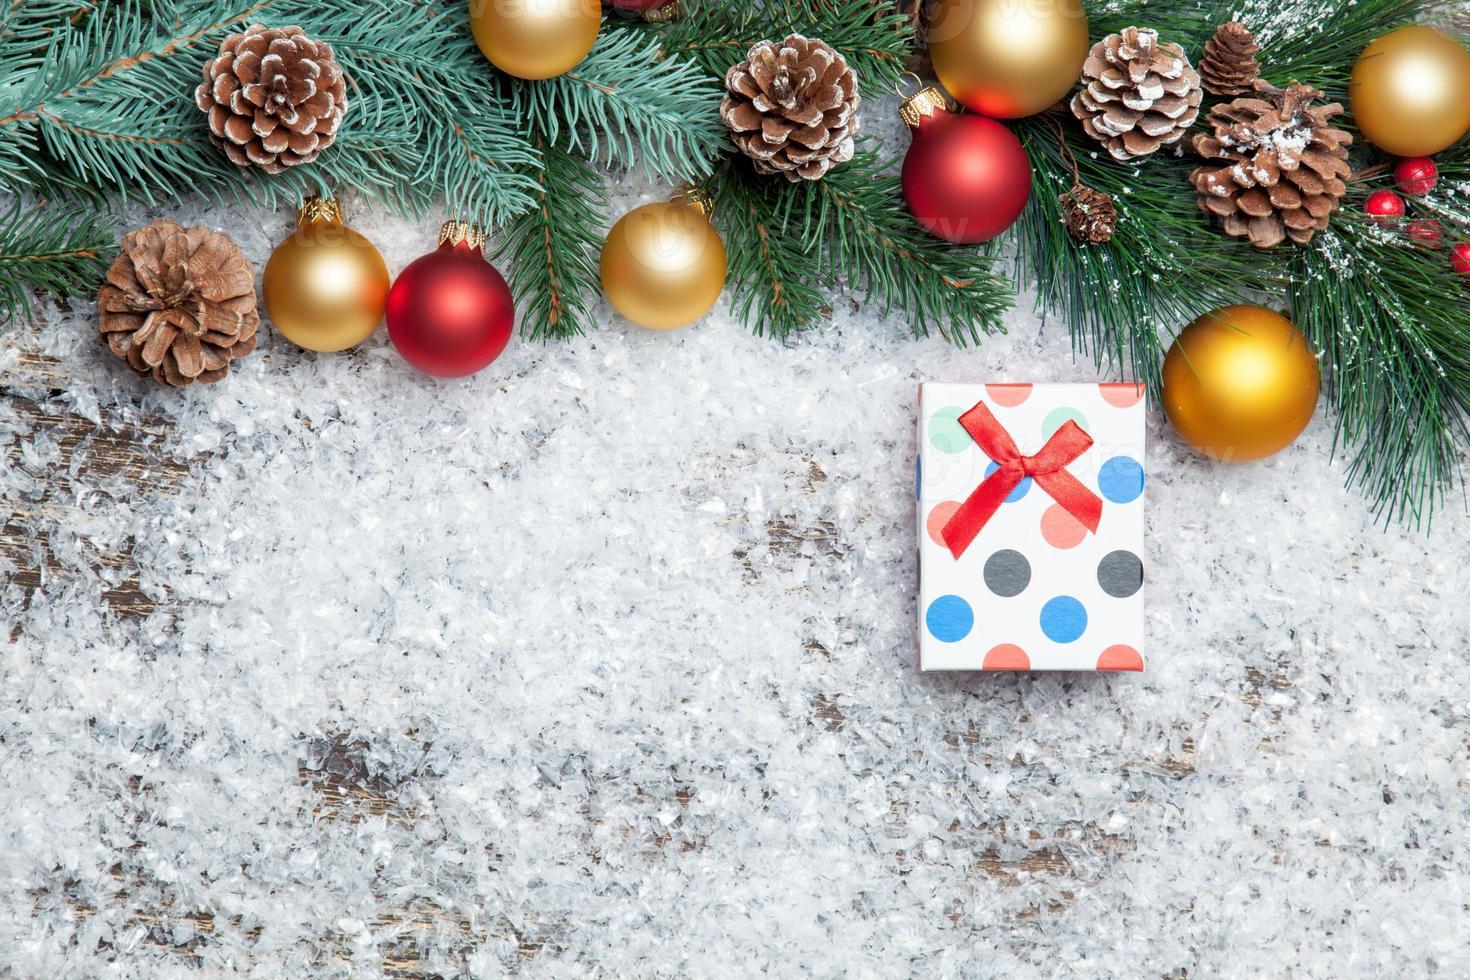 geschenkdoos en tak met speelgoed. foto